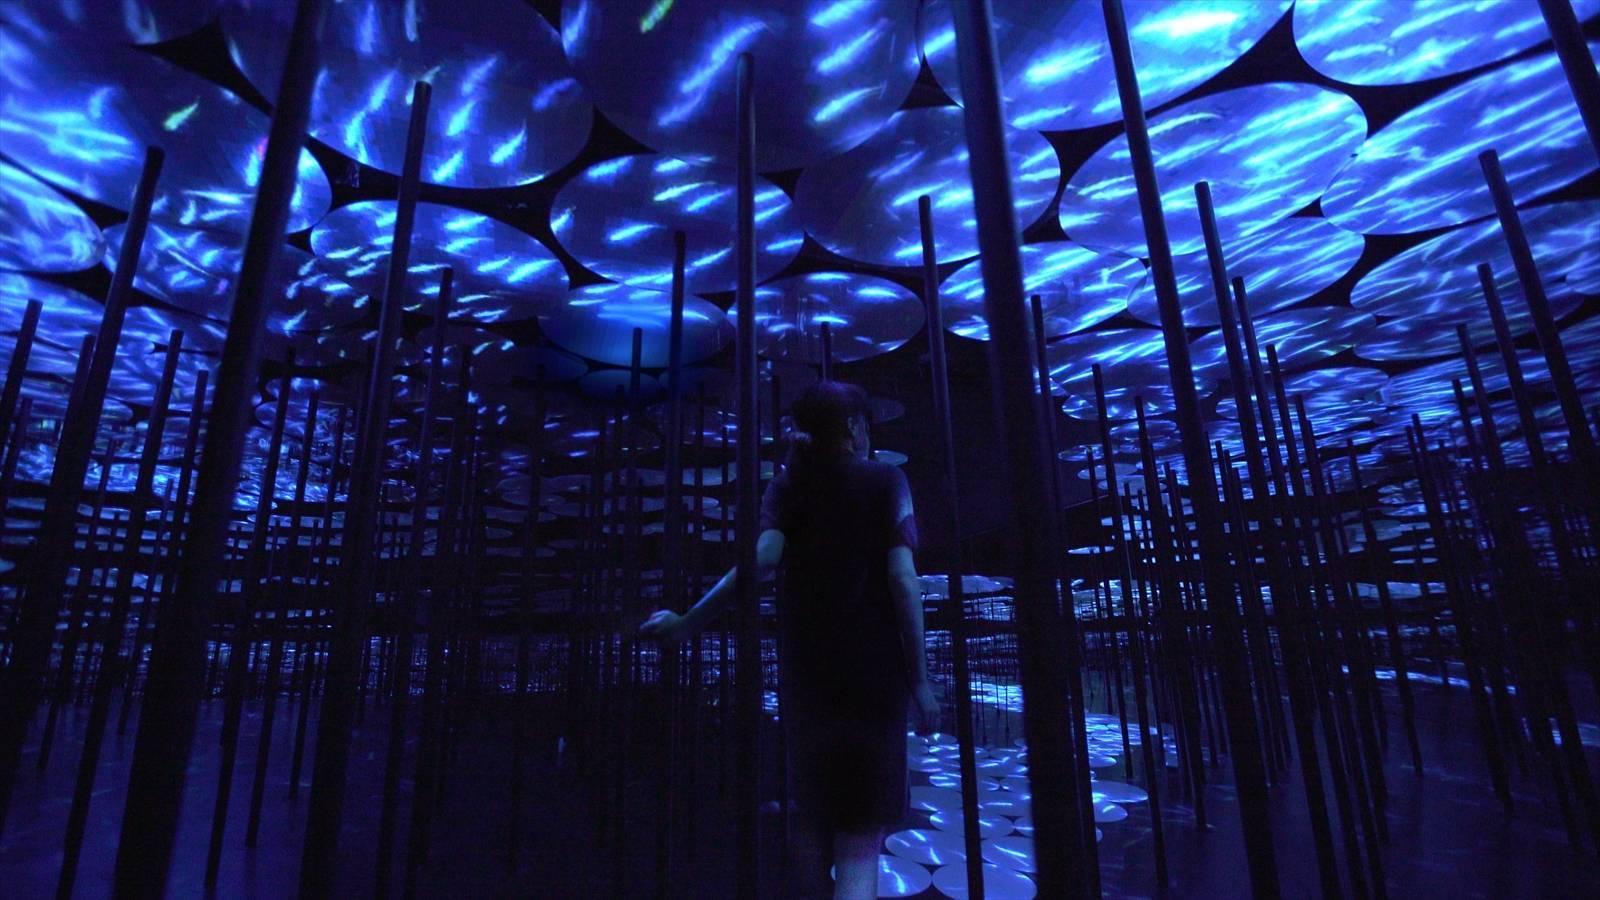 instalacion digital museo de toyo